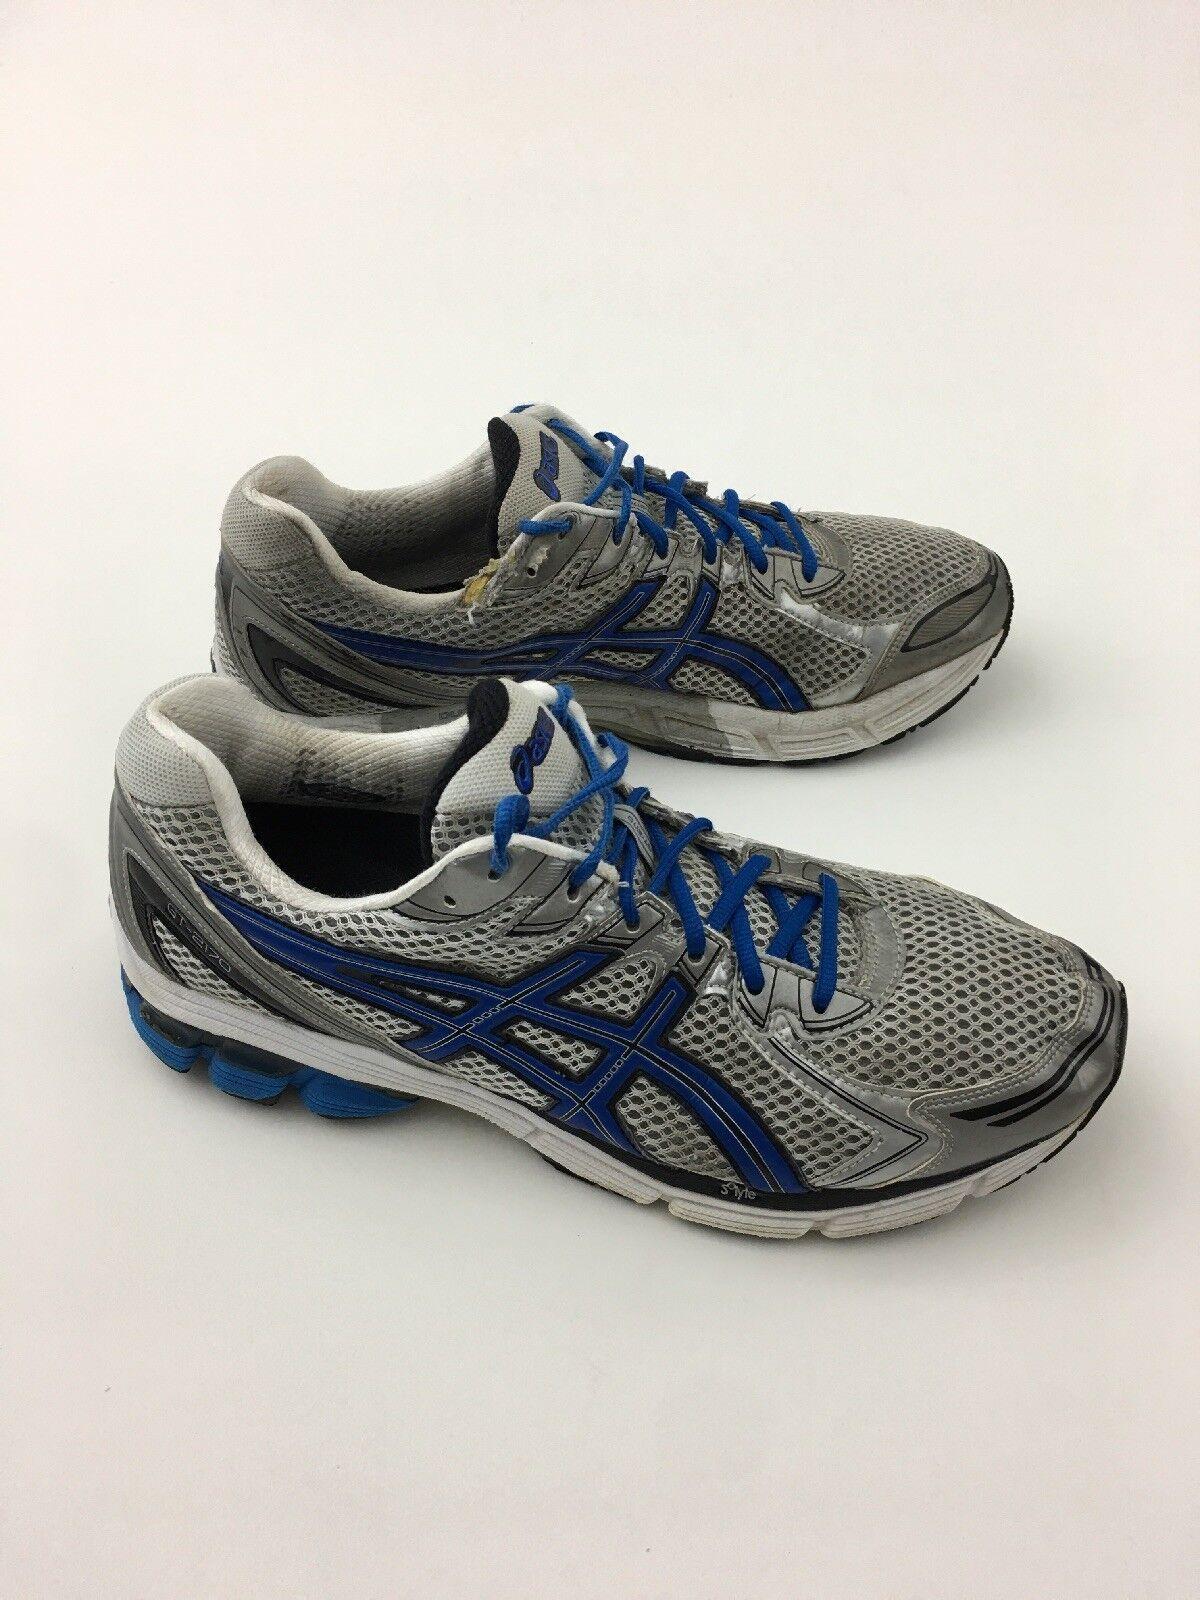 ASICS GT 2170 Running shoes,  T207N, White Royal Blk Slvr, Men's 13 2E, XWide